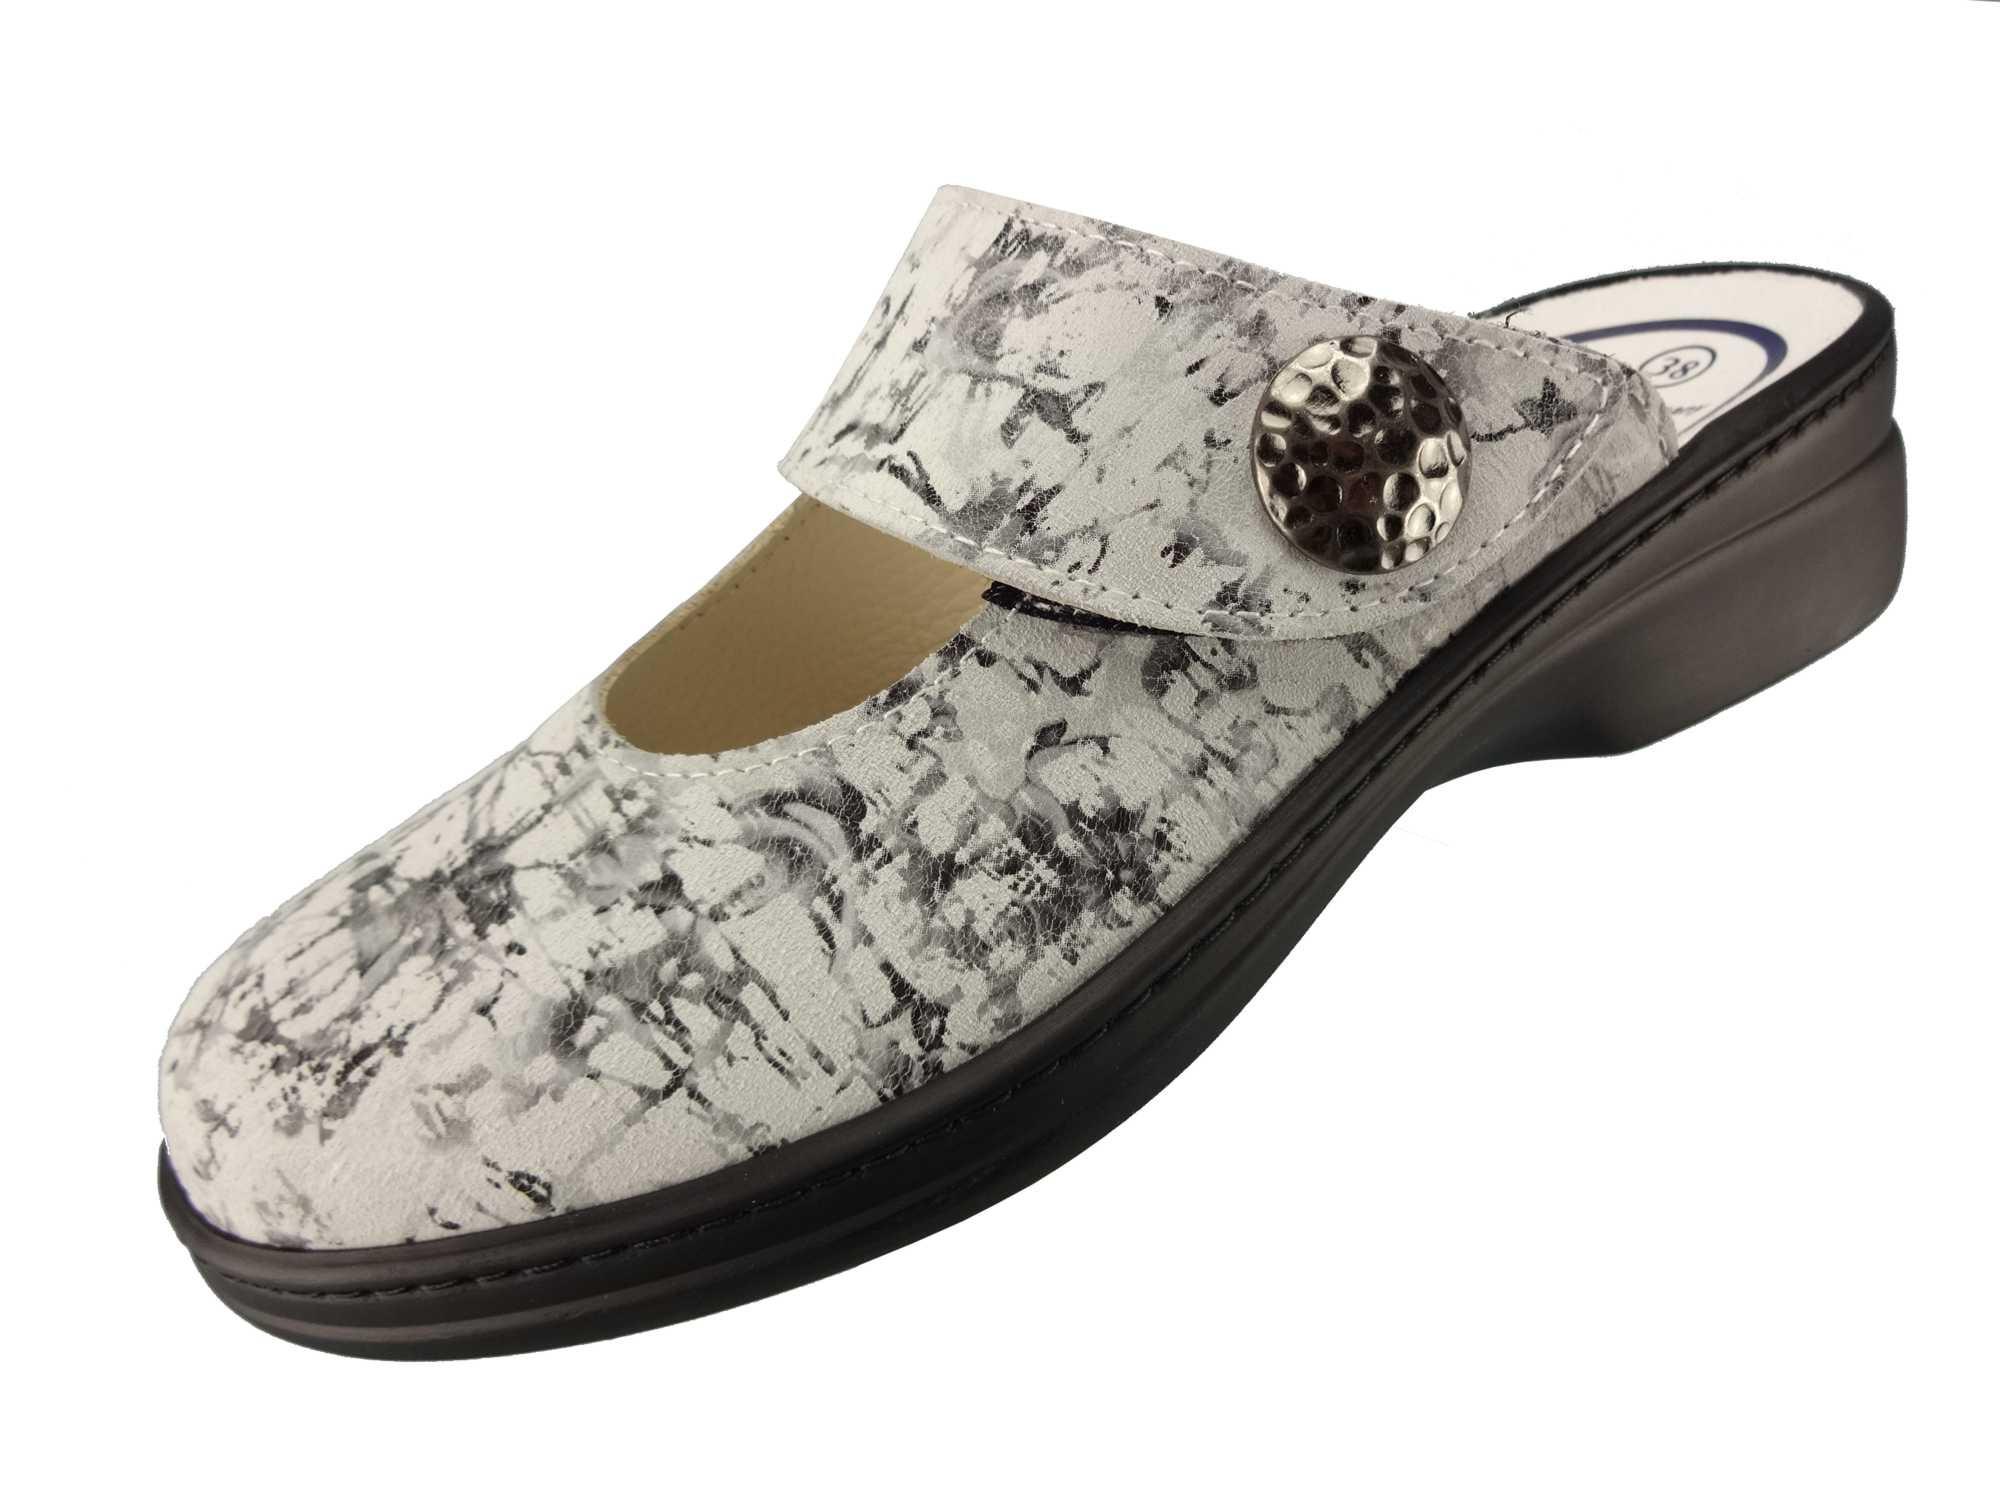 Algemare Damen Clog Fantasieleder Brizzolato mit Sani-pur Wechselfußbett Pantolette 5948_2425 Sandalette